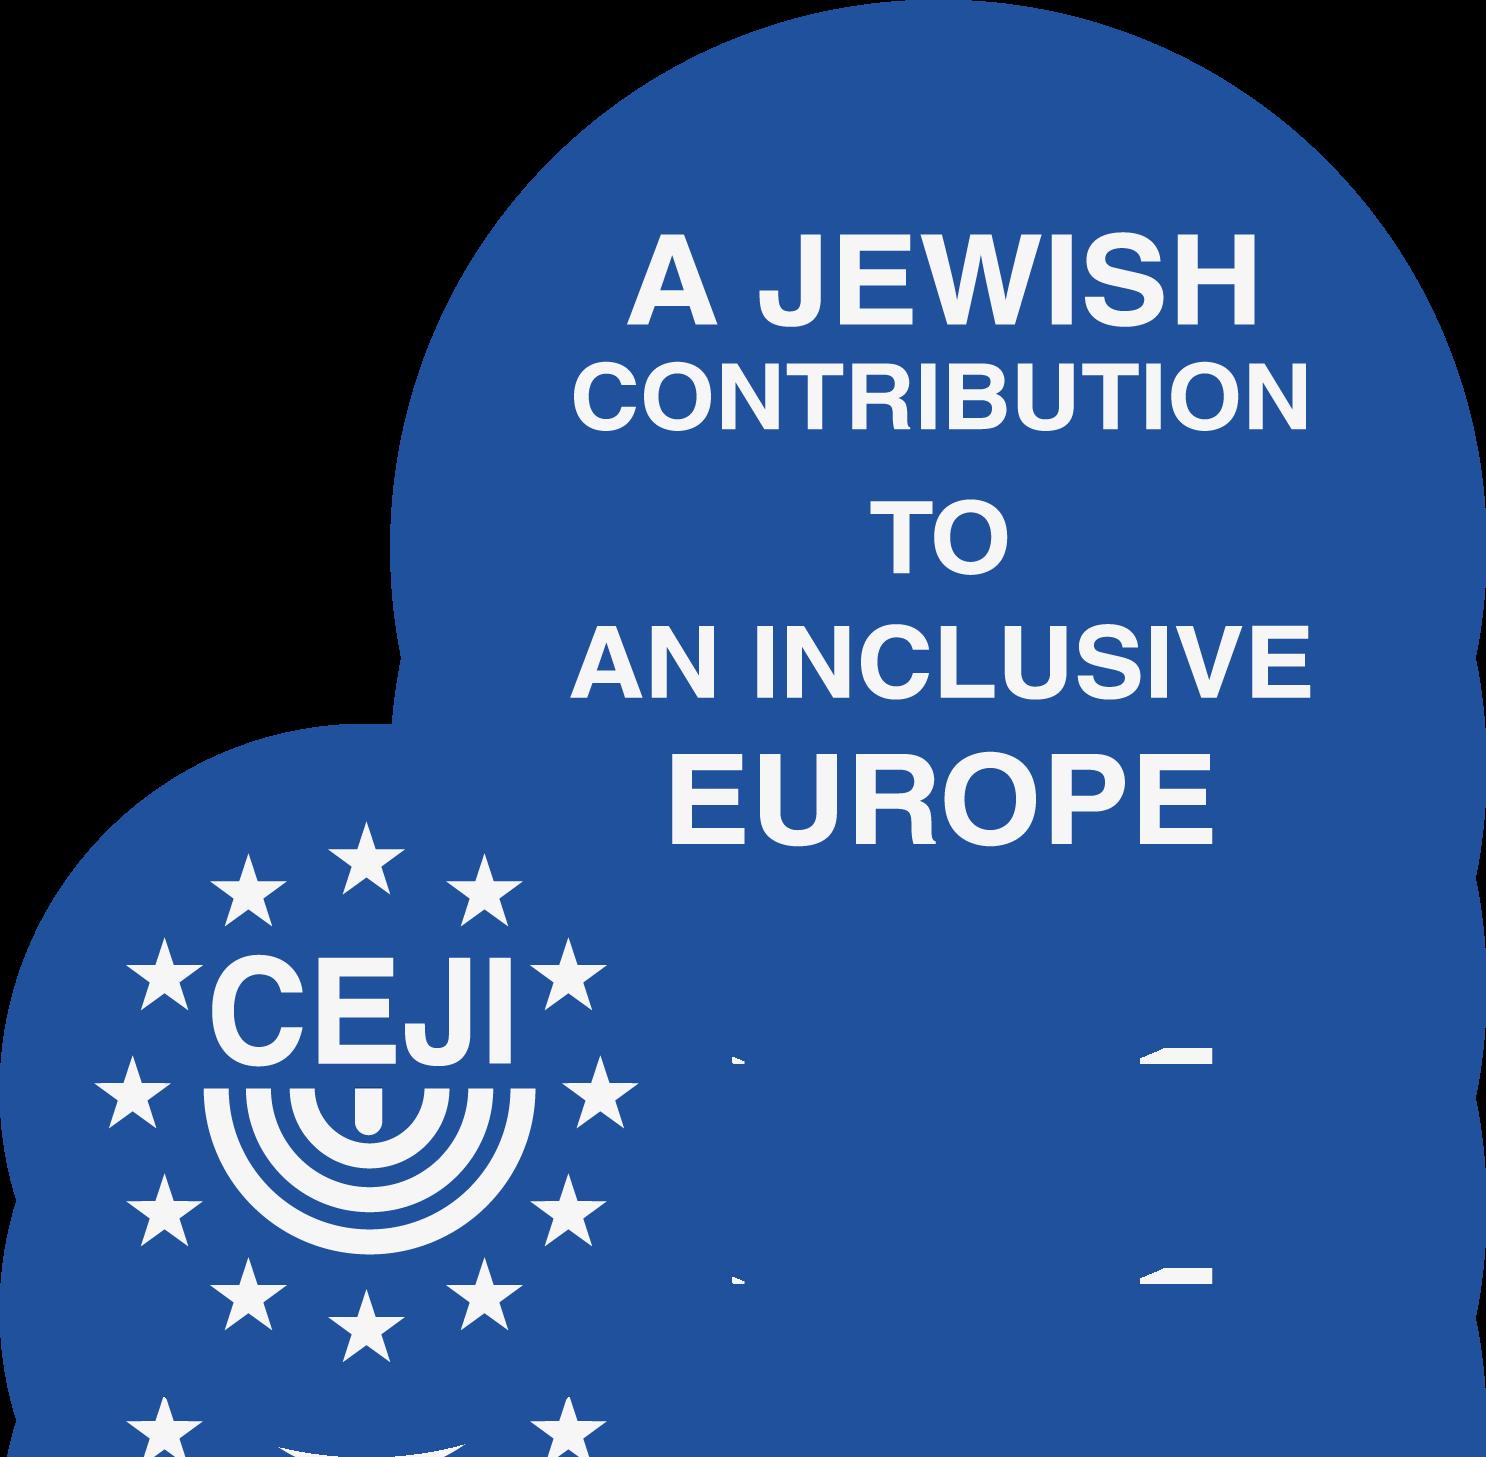 CEJI logo